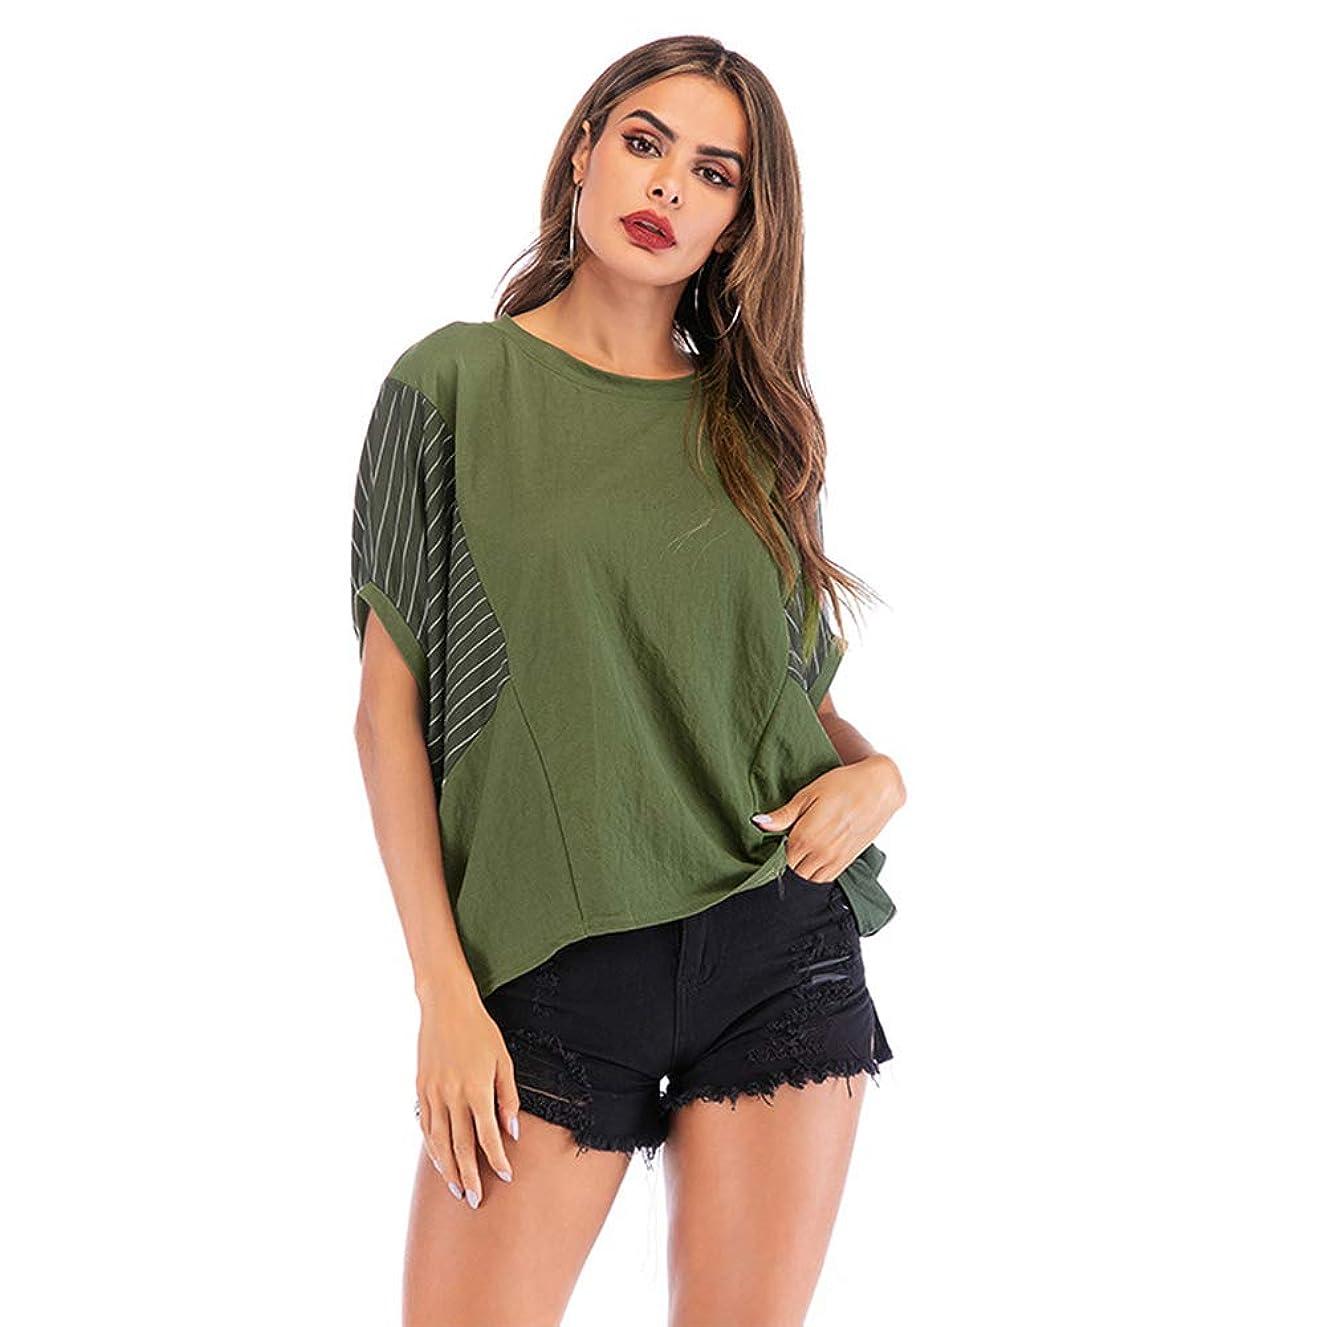 立証する荒らす落花生夏のバットスリーブスタイルの女性の半袖、ステッチコントラスト不規則な縞模様、ゆったりとした快適な、シンプルな雰囲気,XL